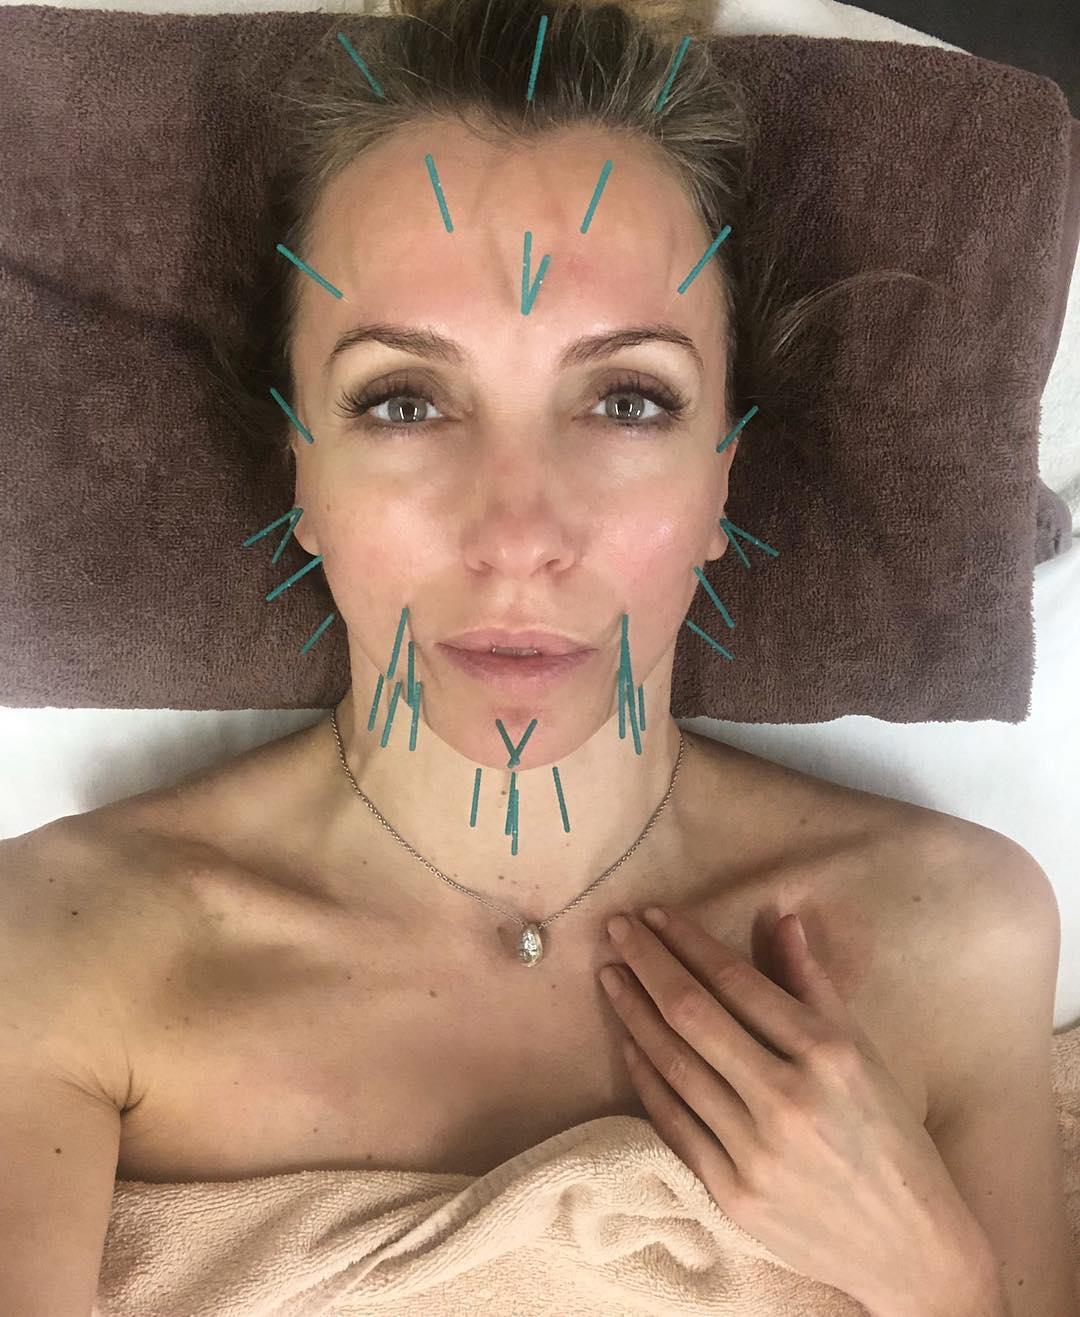 Светлана Бондарчук: Волшебство в @burobeauty       #займемсякрасотой